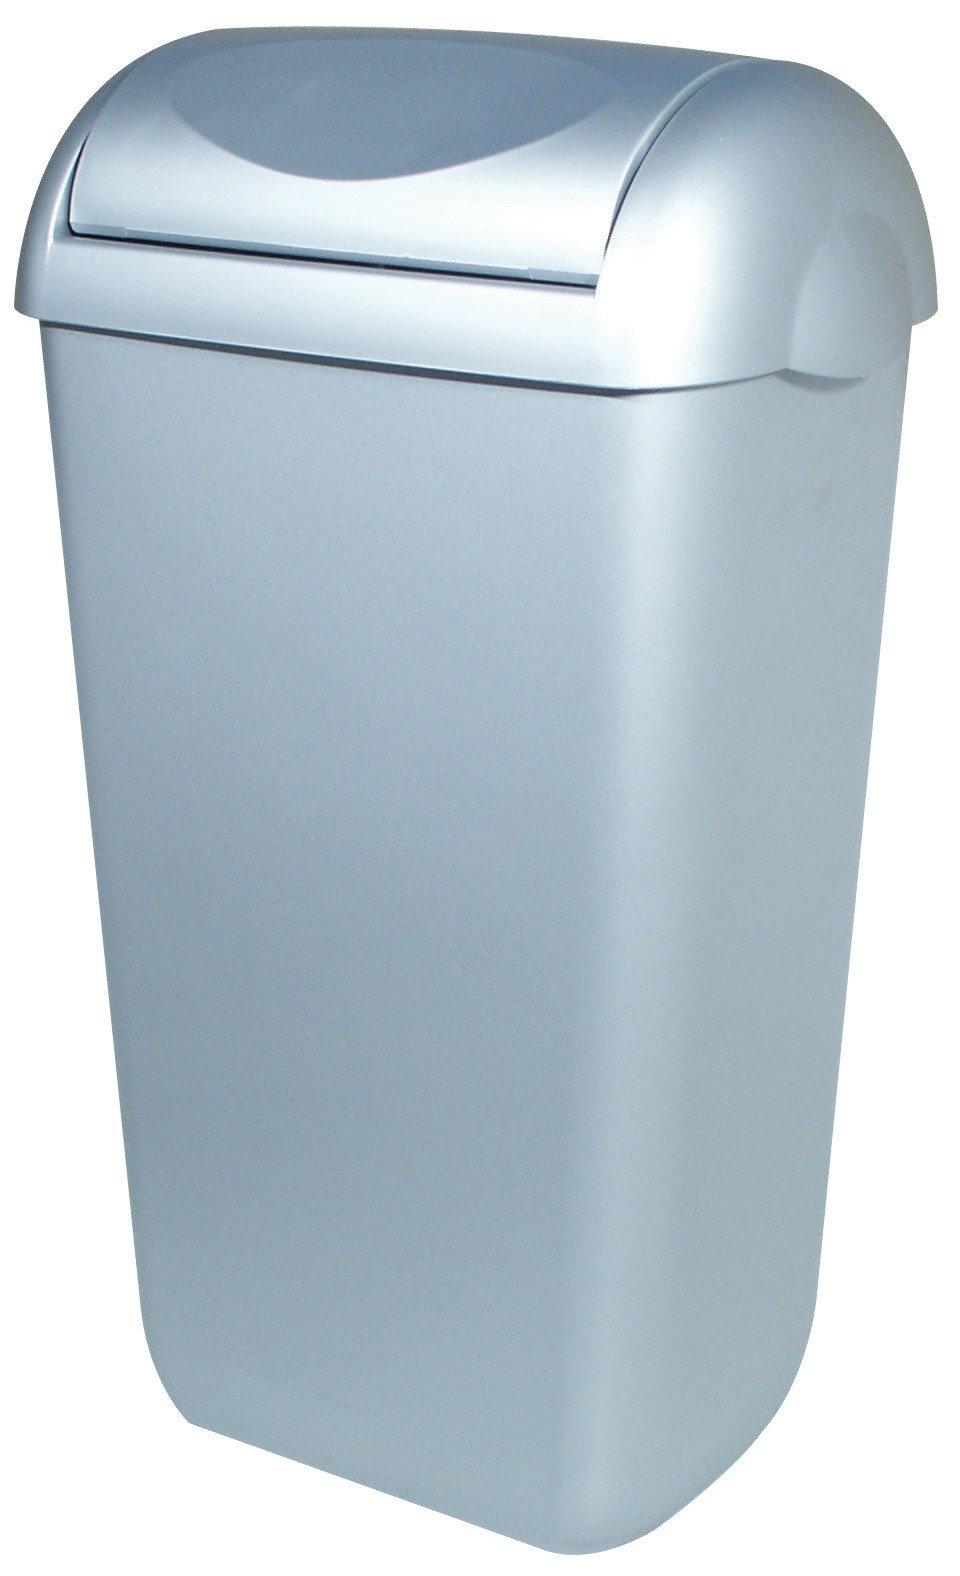 PlastiQline | Afvalbak | Swing deksel | Kunststof | Inhoud: 43 liter